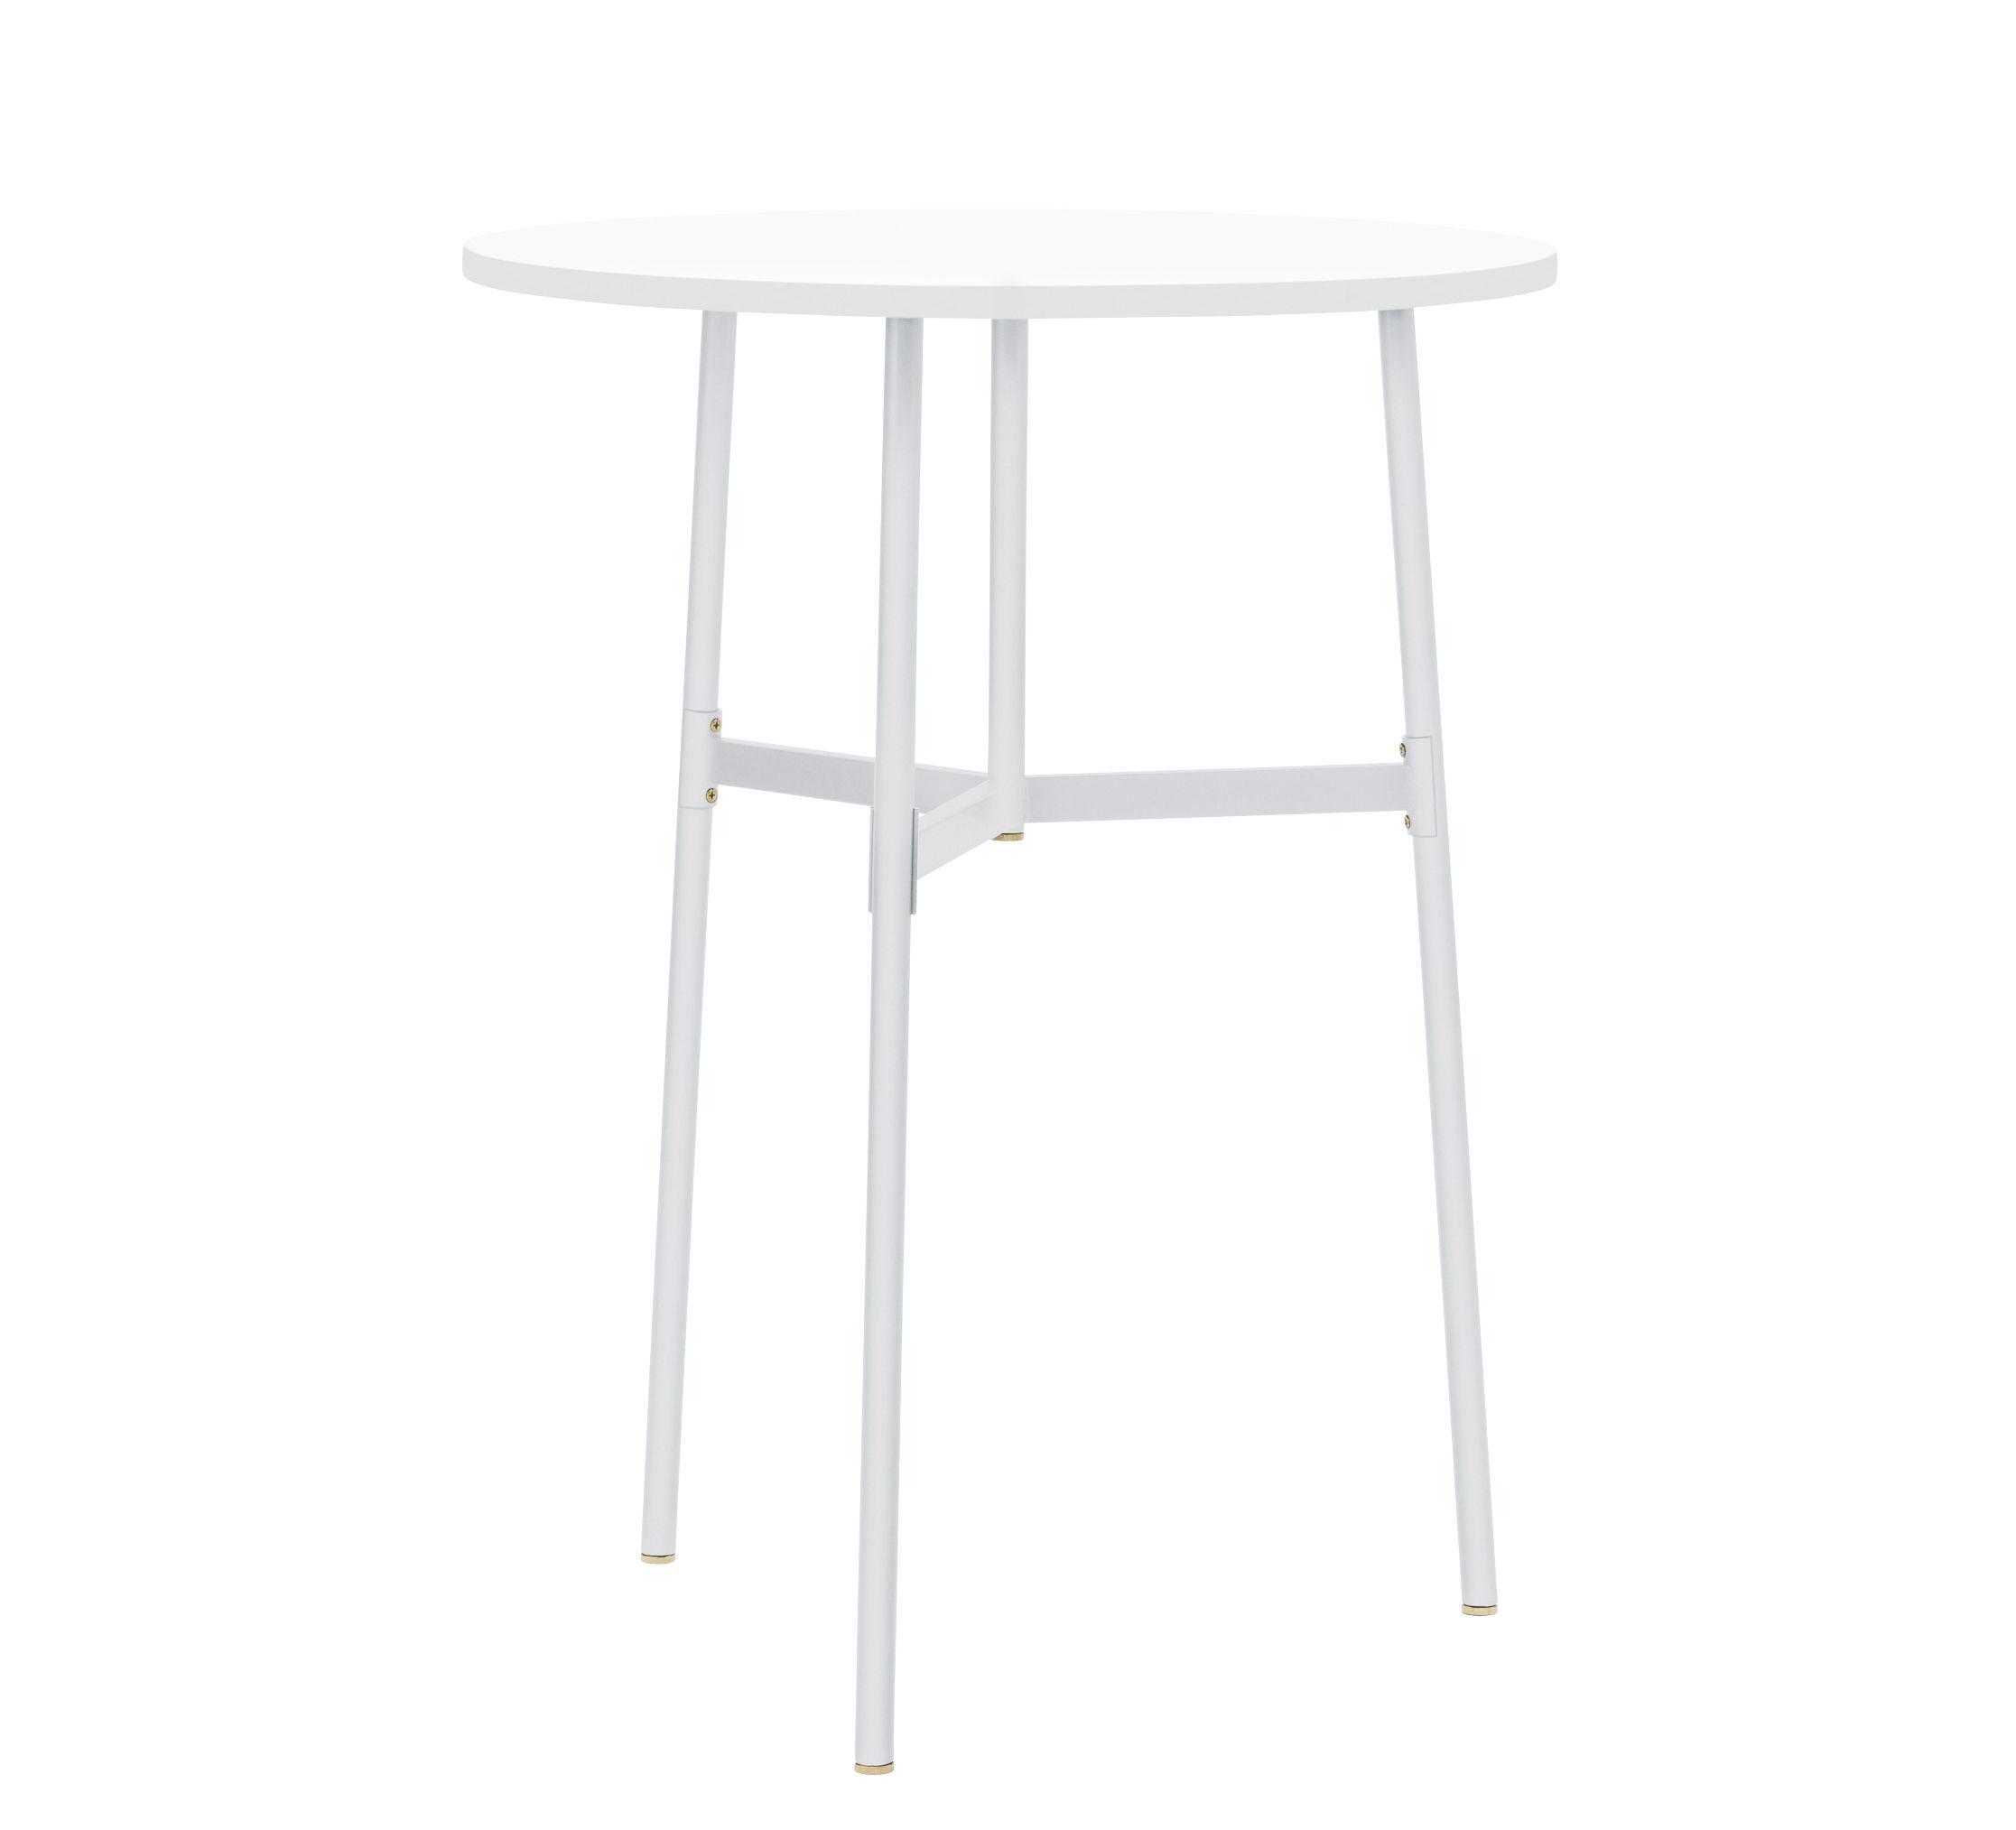 Möbel - Stehtische und Bars - Union hoher Tisch / Ø 80 cm x H 105,5 cm - Fenix-Laminat - Normann Copenhagen - Weiß - Stahl, Stratifié Fenix